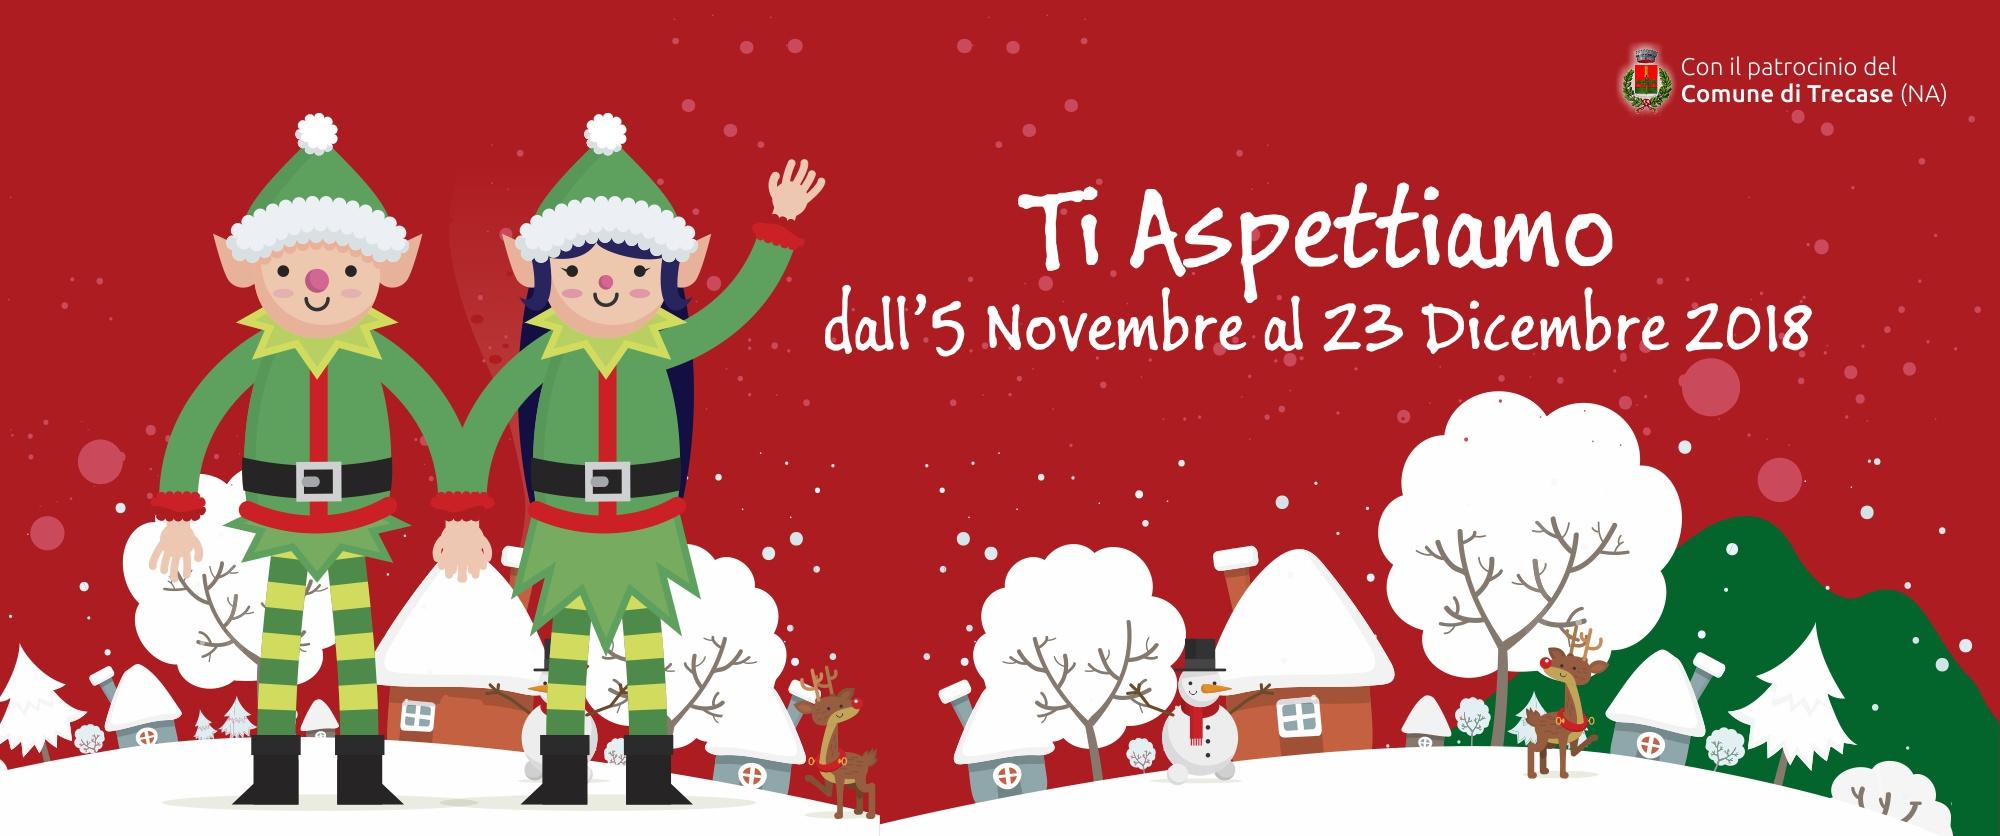 Dove E Babbo Natale.Il Meraviglioso Villaggio Di Babbo Natale Trecase Napoli